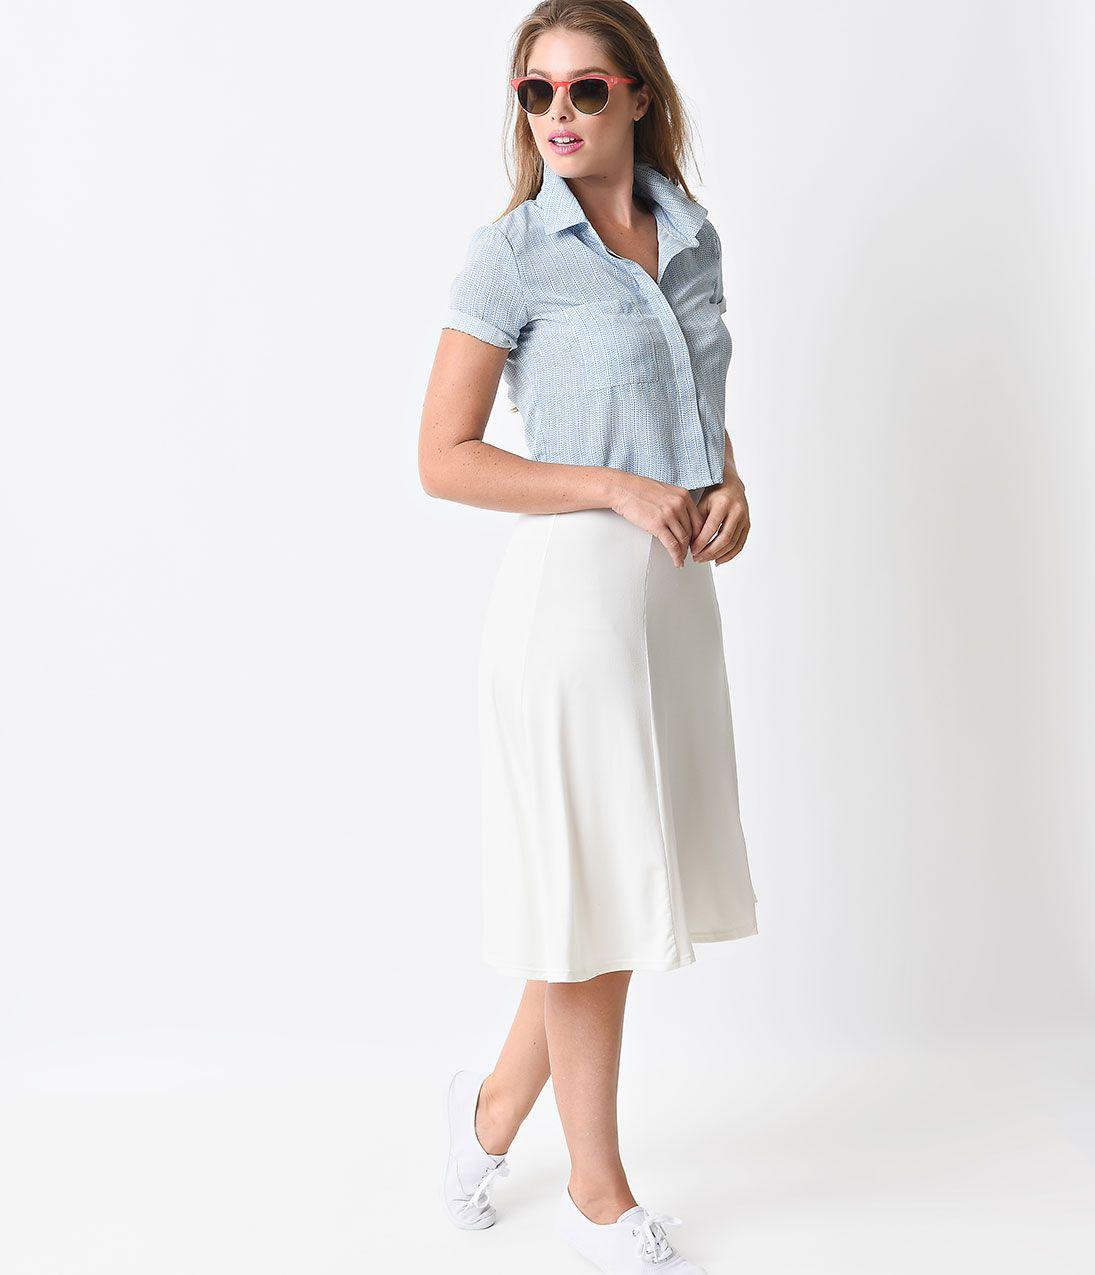 Ivory A Line Skirt